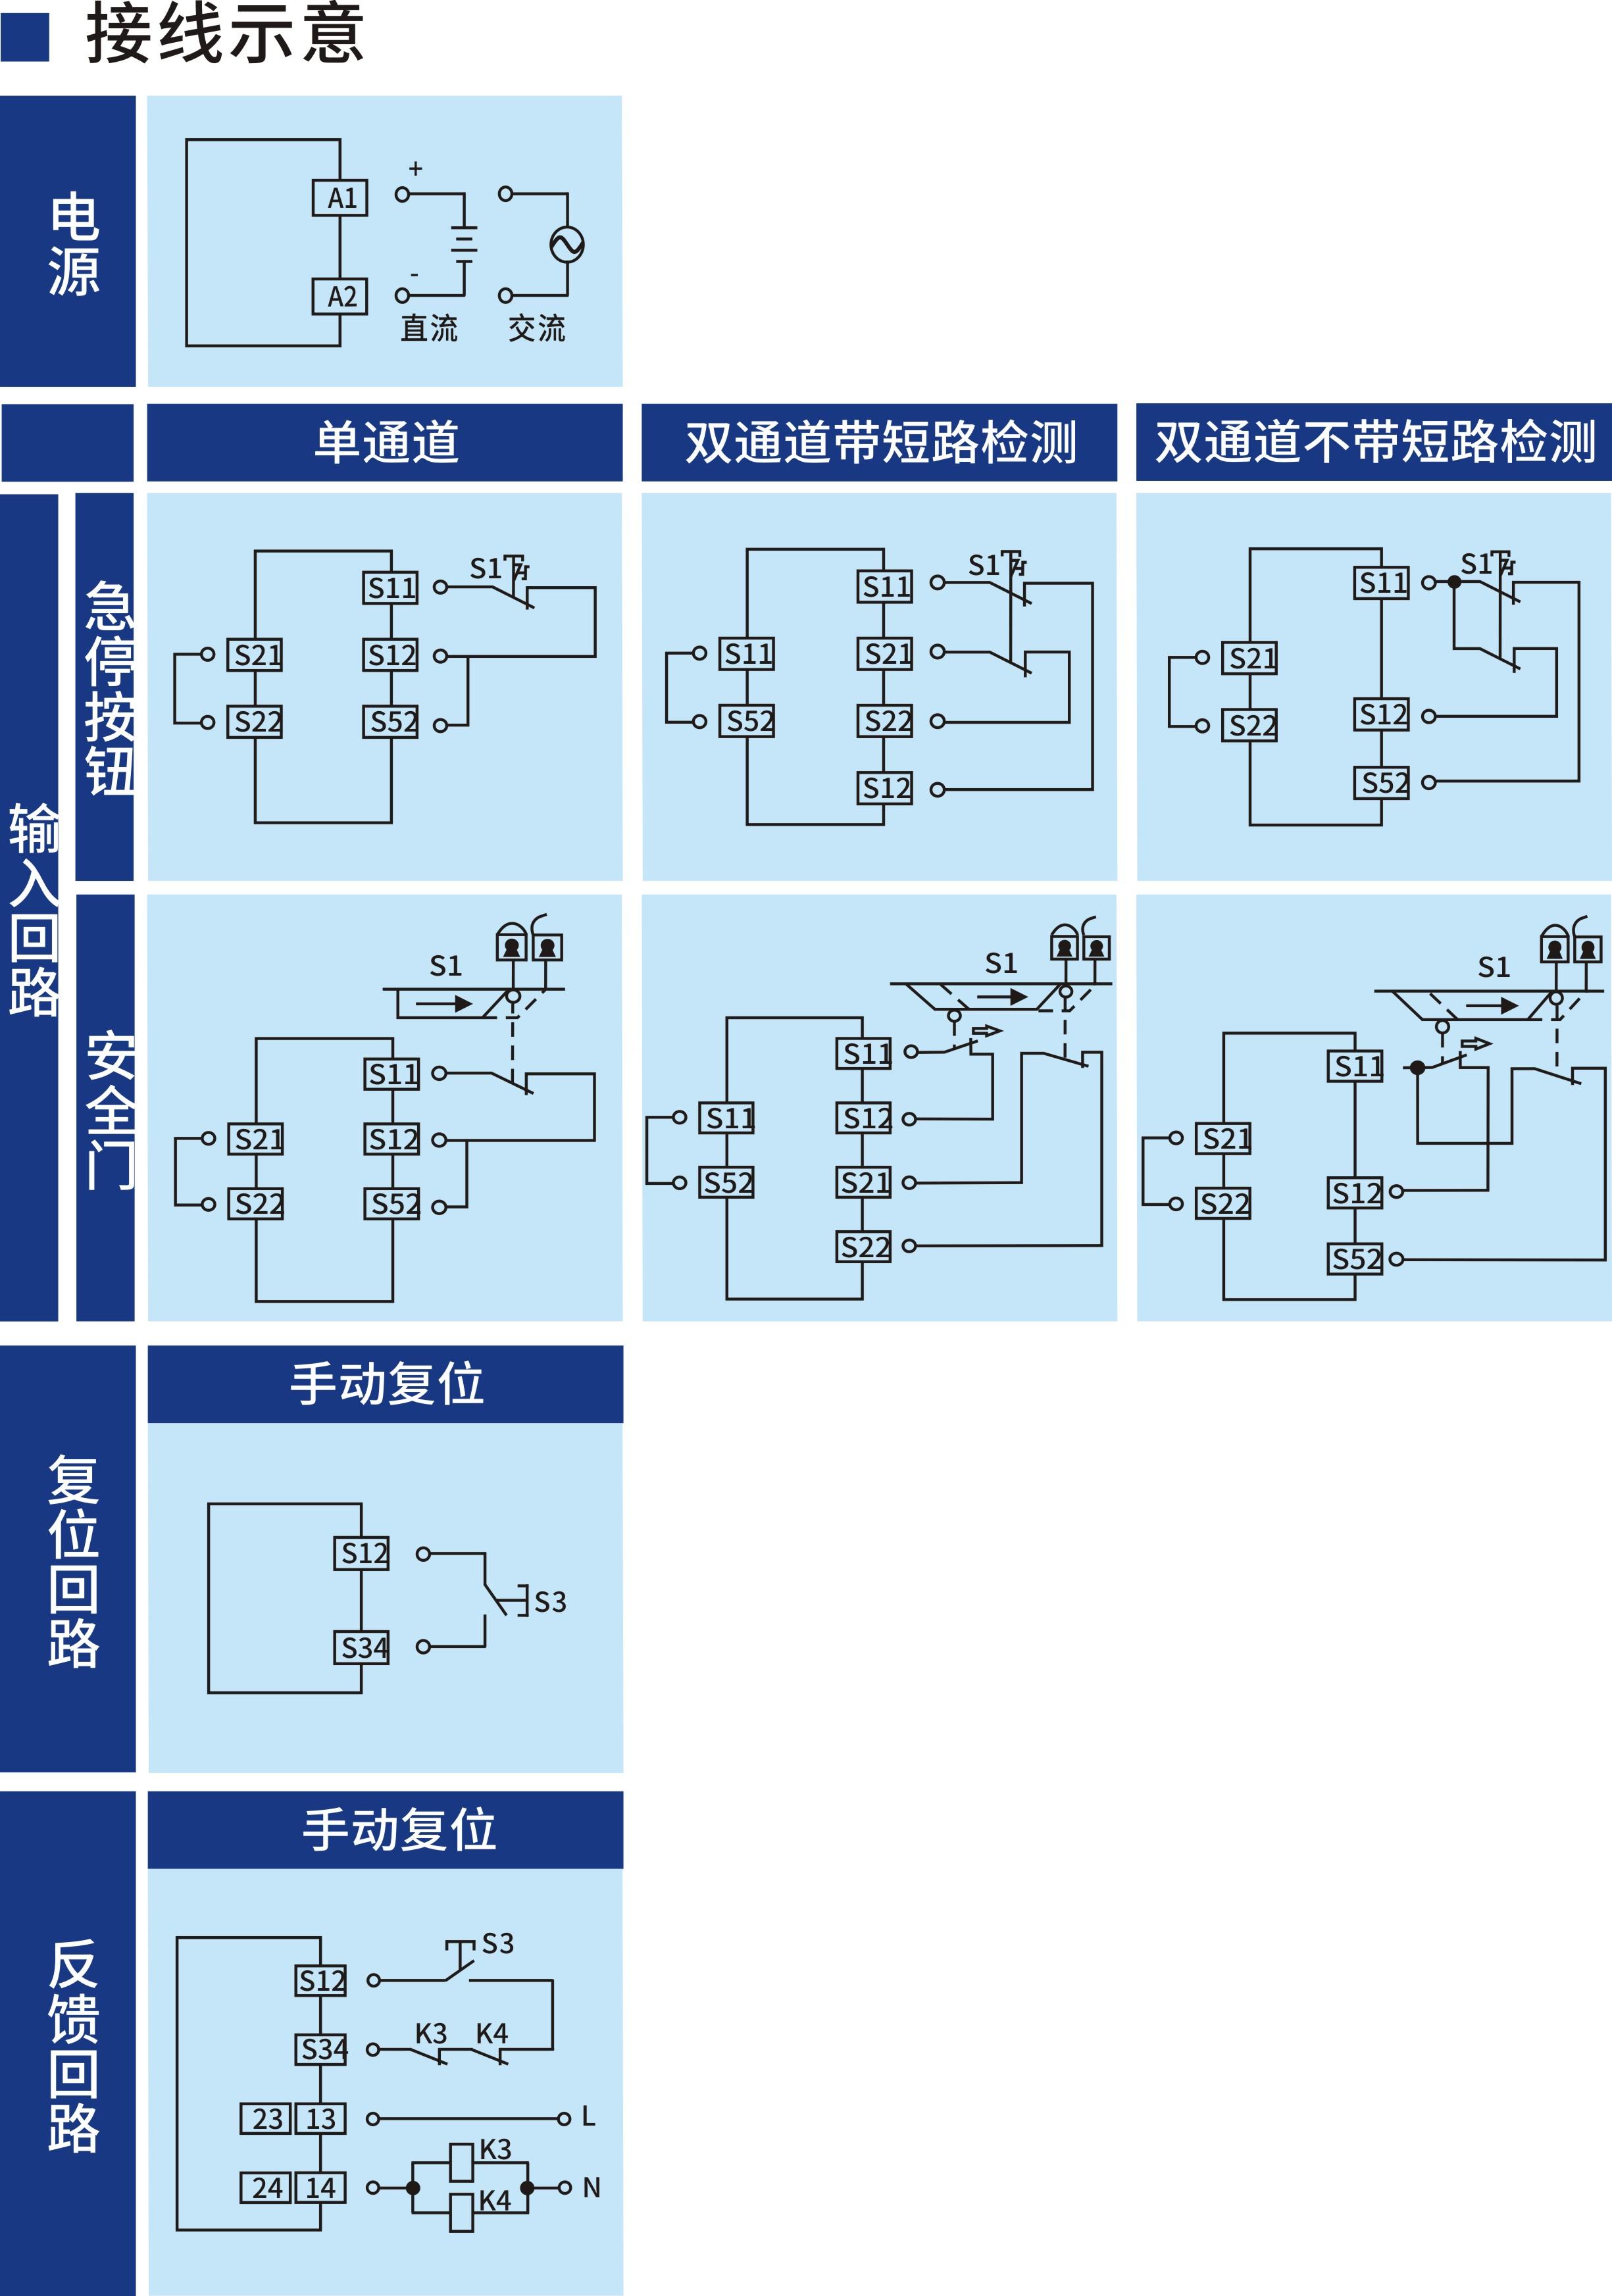 开关型安全设备输入 (急停按钮/安全门 24V DC/AC 2NO+2NC 受监控的手动复位)